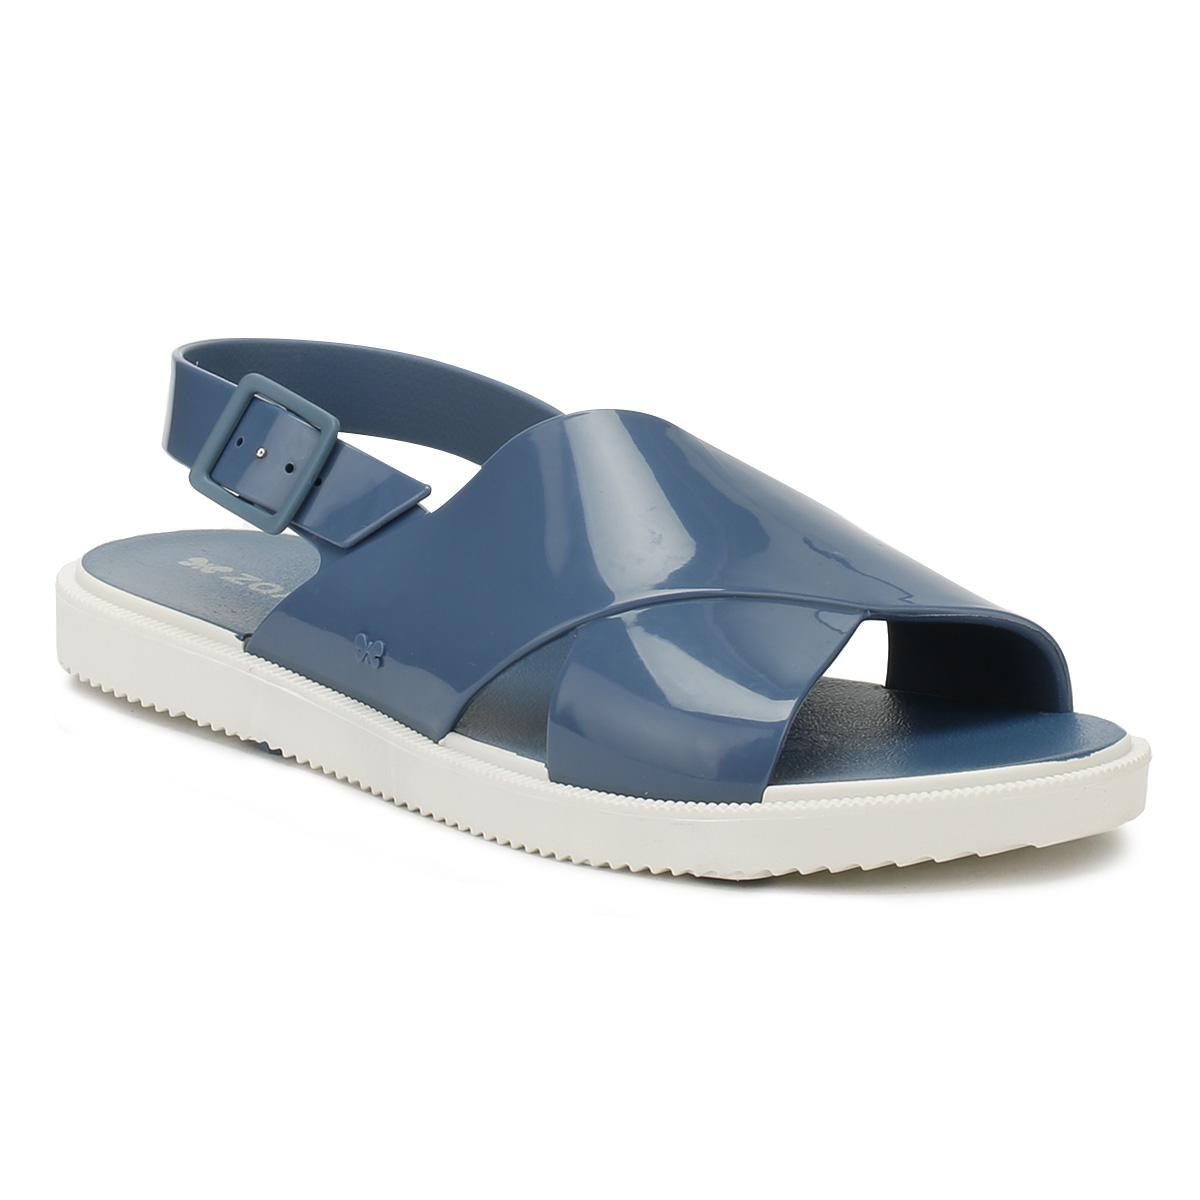 5daf7d6b67252a Zaxy - Womens Blue Match Sandals - Lyst. View fullscreen